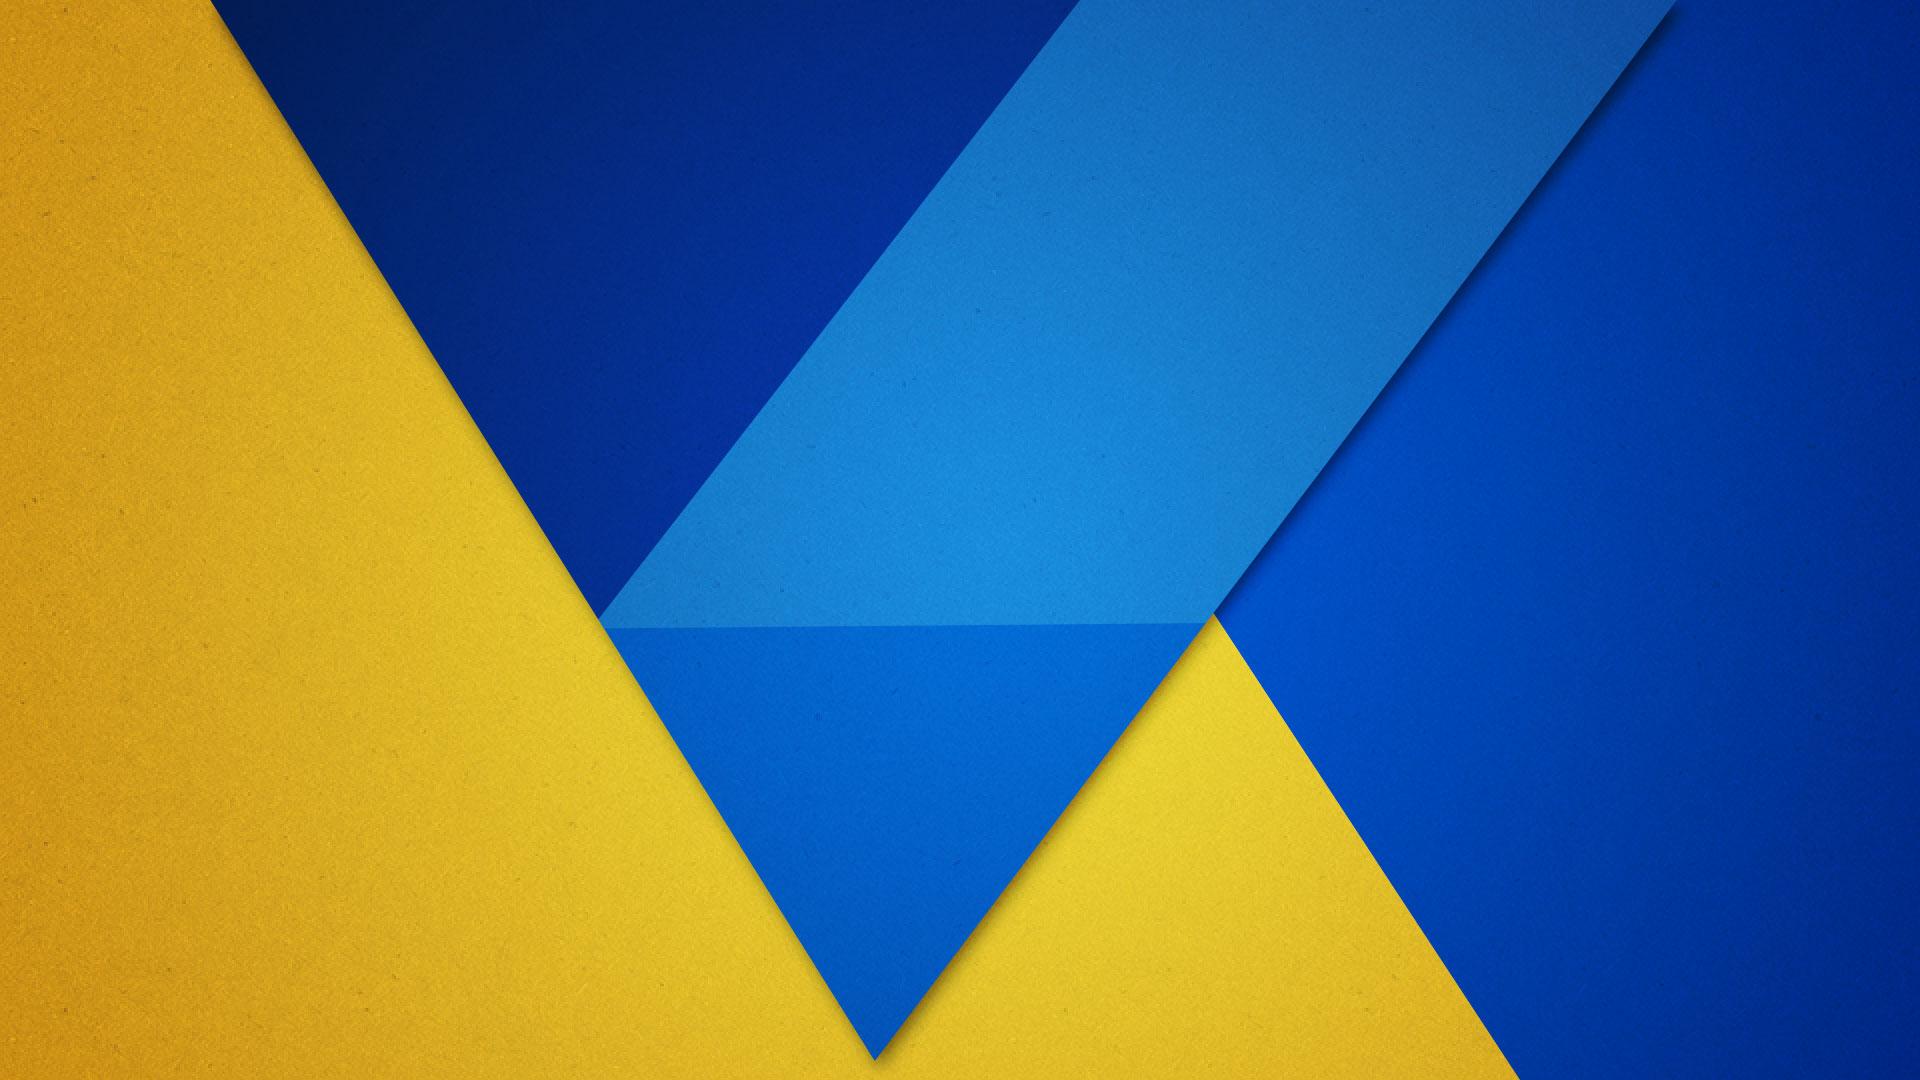 Обои Цвет, абстракция, треугольник. Абстракции foto 17